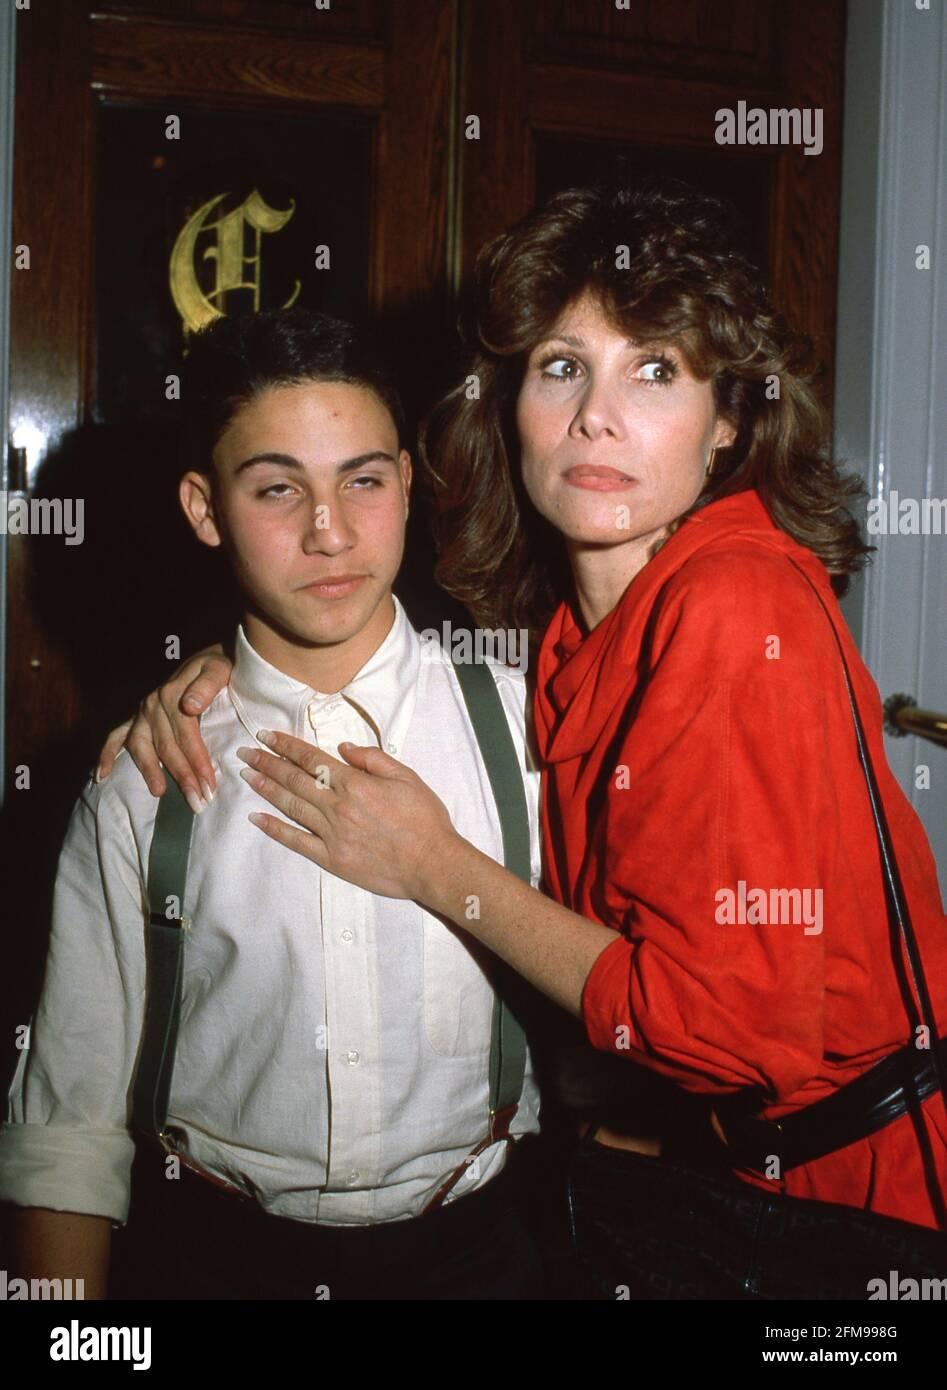 Michele Lee et son Circa années 80 crédit: Ralph Dominguez/MediaPunch Banque D'Images